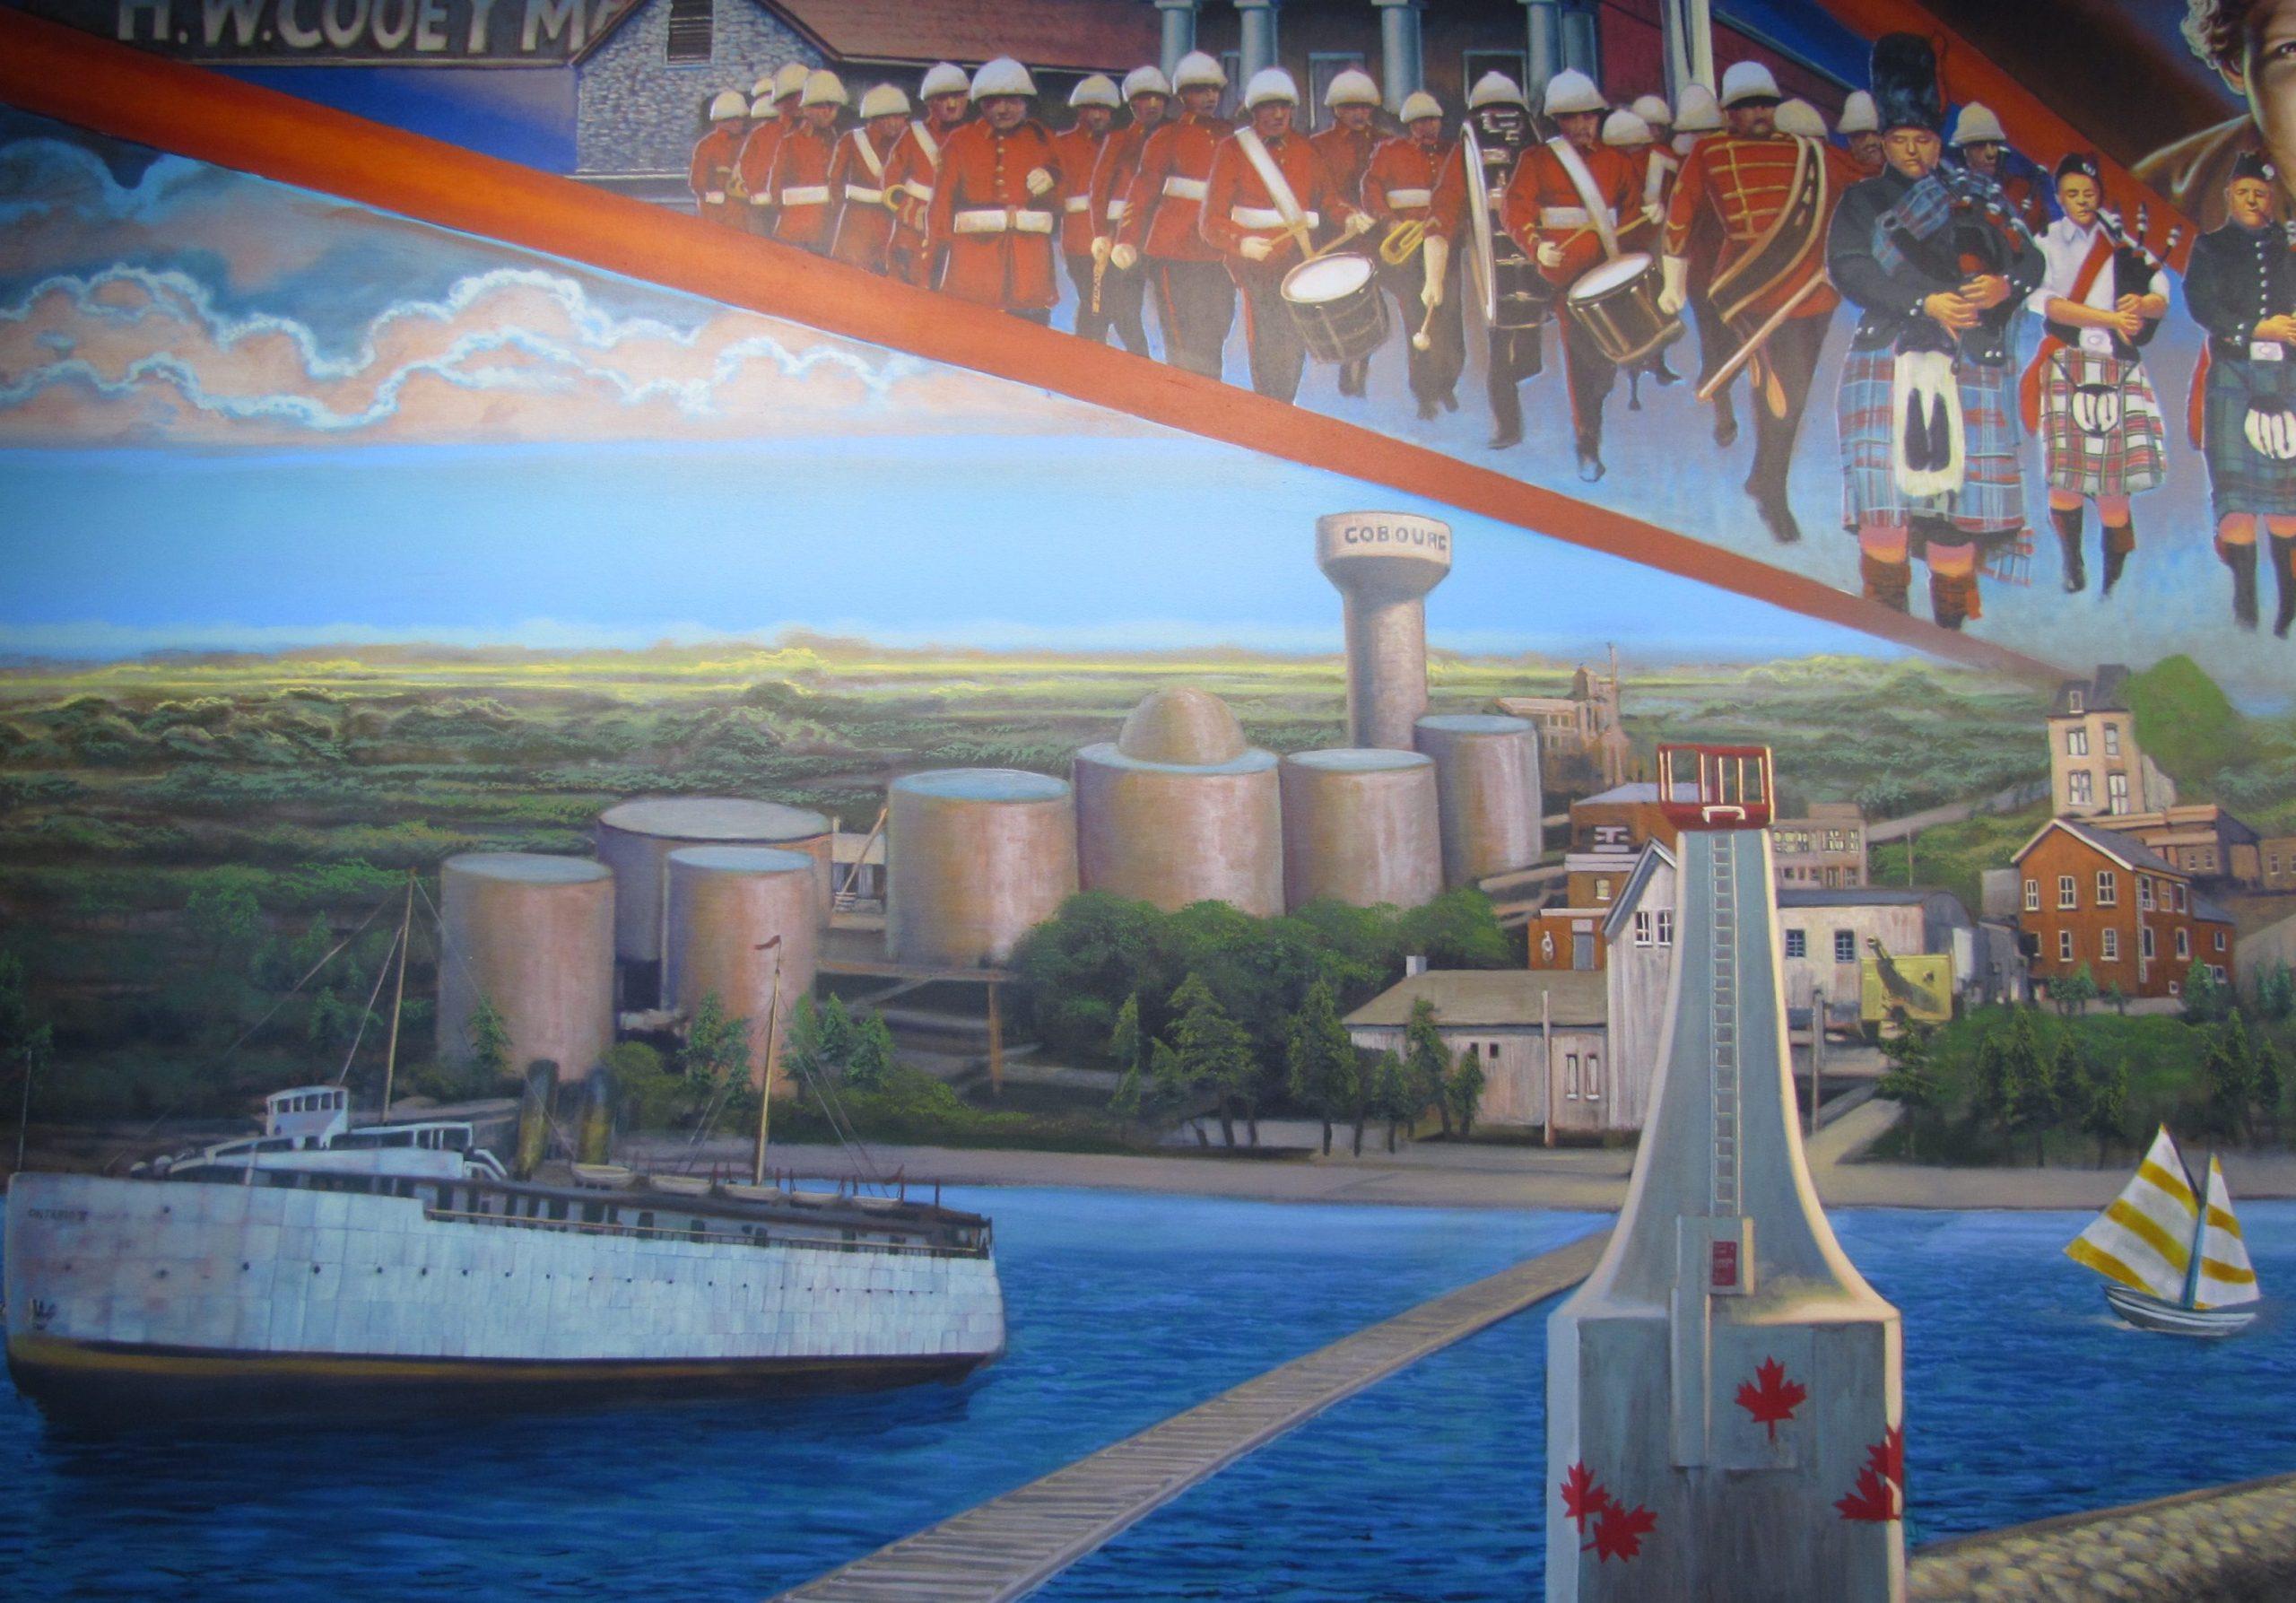 Une peinture murale aux multiples couleurs illustrant, à droite, le phare blanc actuel de Cobourg et, à gauche, un grand transbordeur, blanc lui aussi. Sur la rive, un peu en retrait vers la gauche, sept grands réservoirs à pétrole couleur argent et un réservoir d'eau surélevé. À droite, derrière le phare, il y a quelques entreprises. L'harmonie de Cobourg, habillée en uniforme rouge, et le corps de cornemuses de la légion, en kilts variés, défilant en formation militaire, sont dépeints au-dessus des nuages.